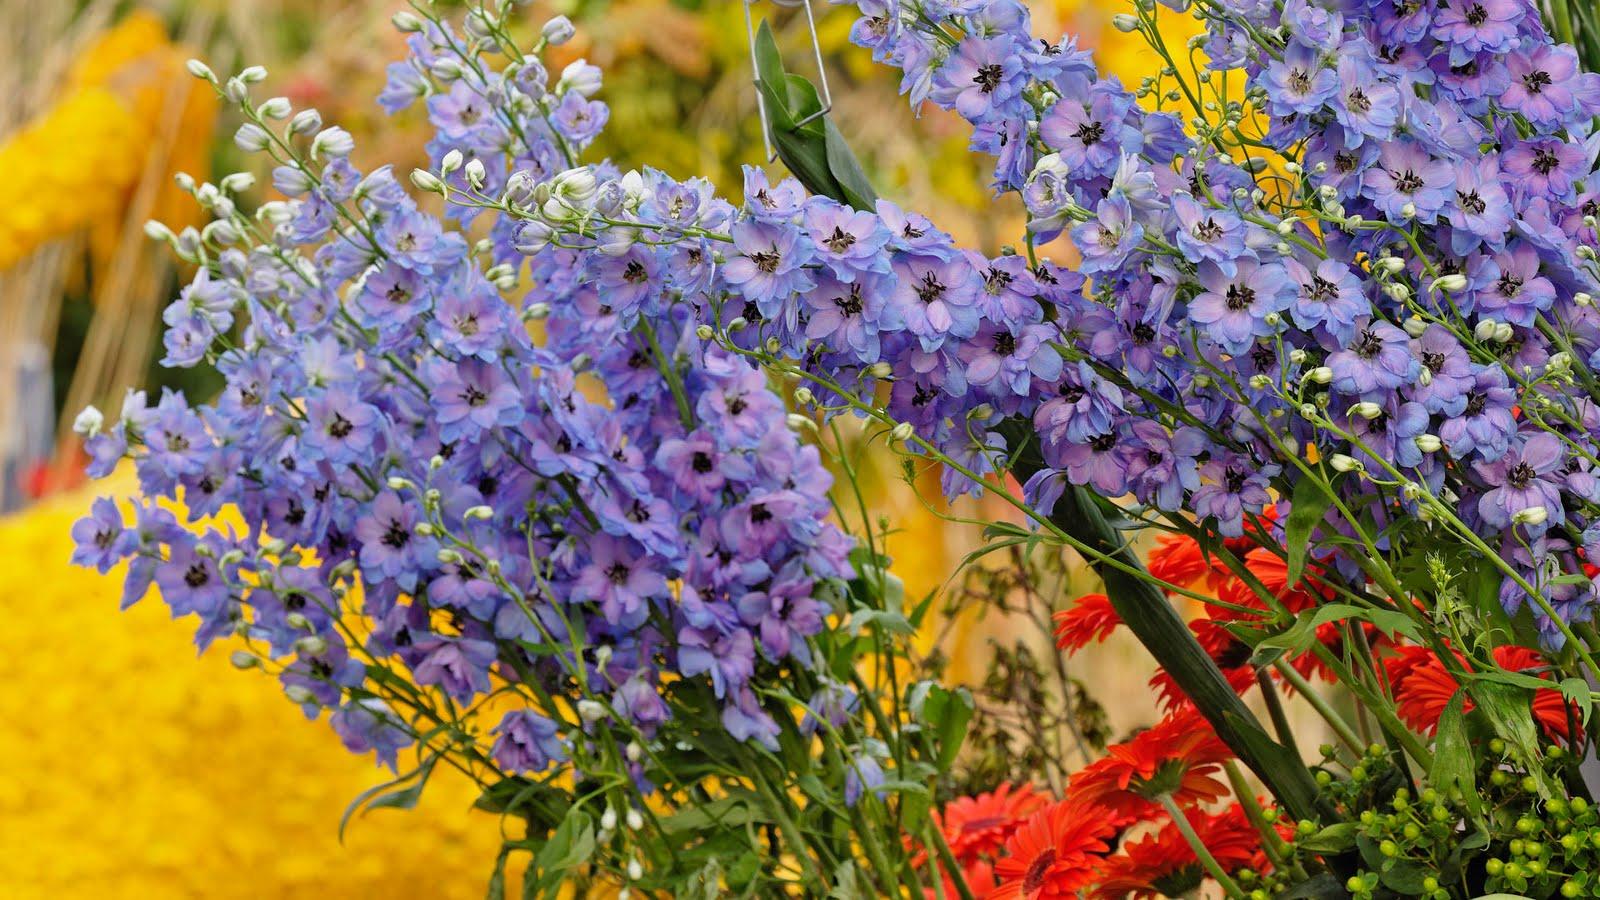 http://2.bp.blogspot.com/-0wyu6EexfkE/ThHx25Fc9aI/AAAAAAAAFGw/5xJX7agcfww/s1600/Flores+del+jardin-Garden+Flowers---2.jpg